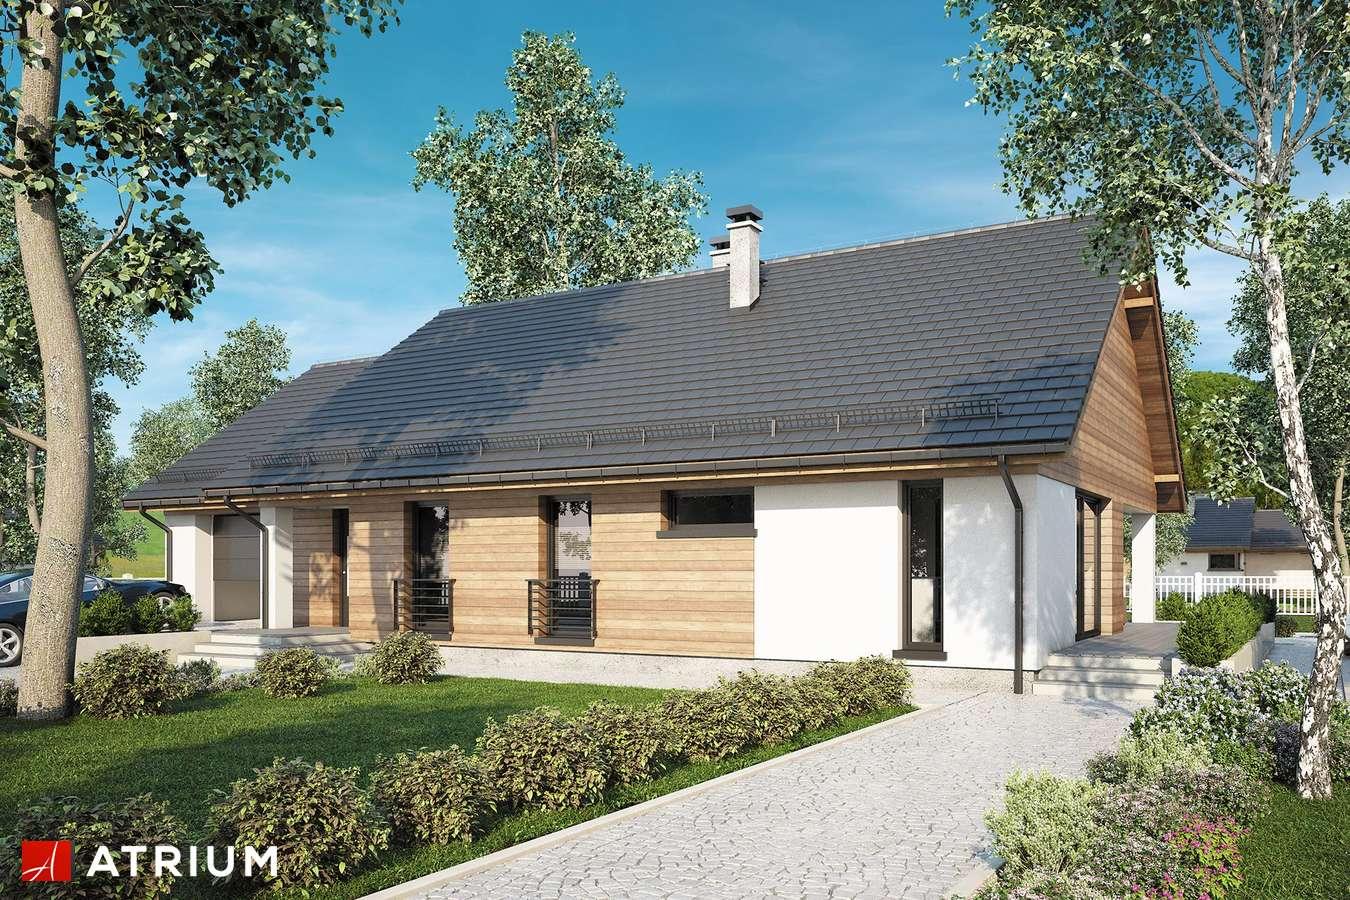 Projekty domów - Projekt domu parterowego NEBRASKA - wizualizacja 1